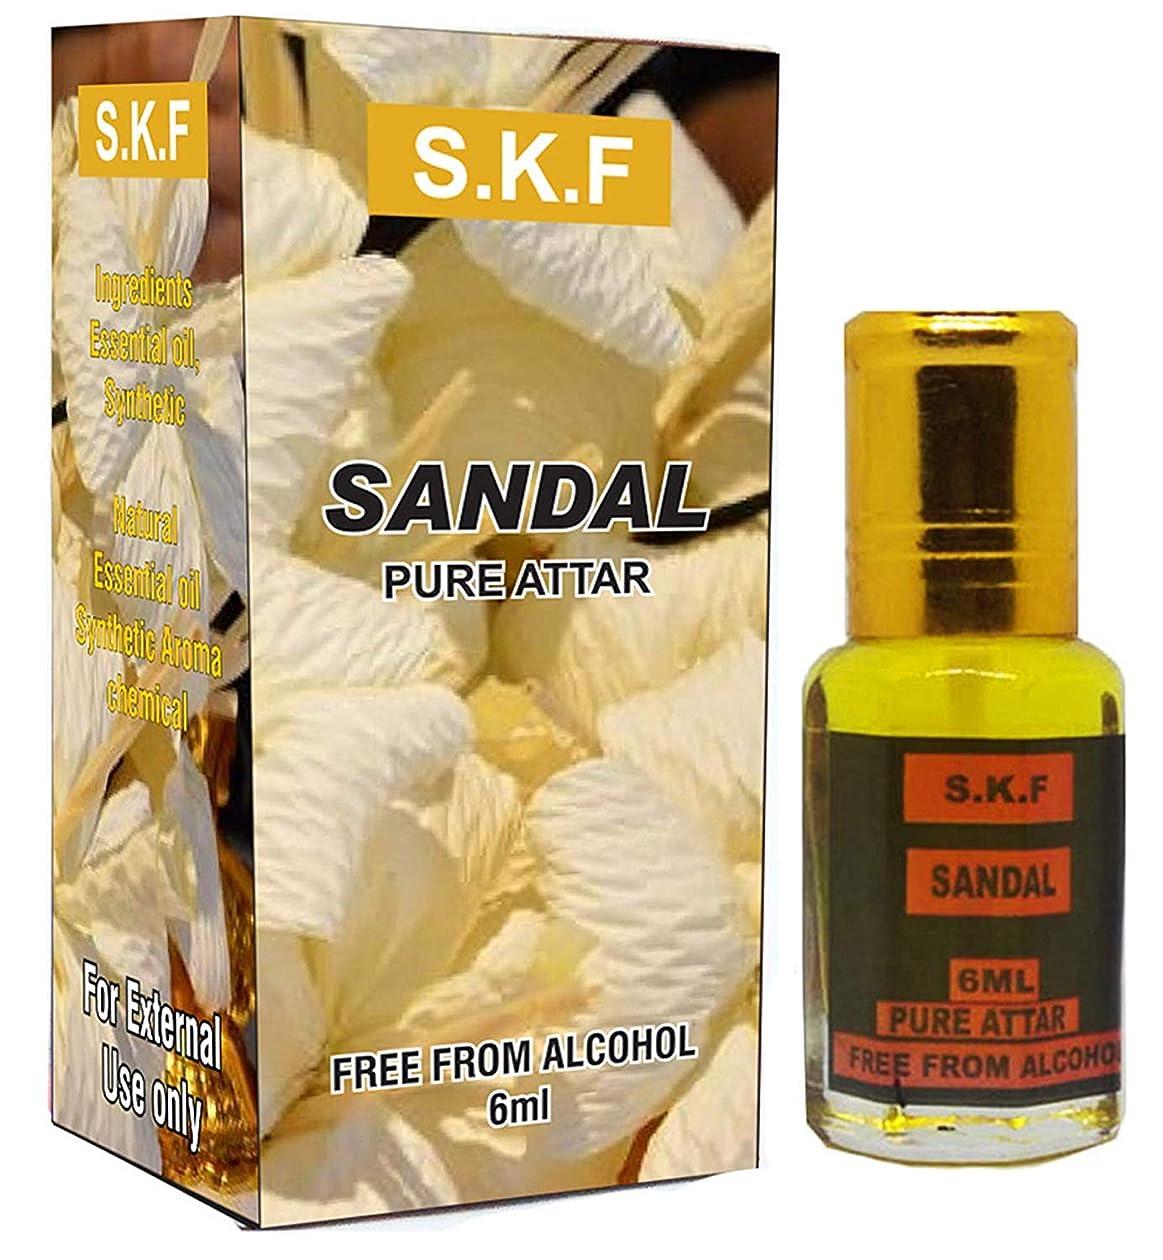 急いでダイヤルできればFragrancessサンダル6mlの上を転がる純粋なアター濃縮香油|アターITRA最高品質の香水はアターを持続長いスプレー